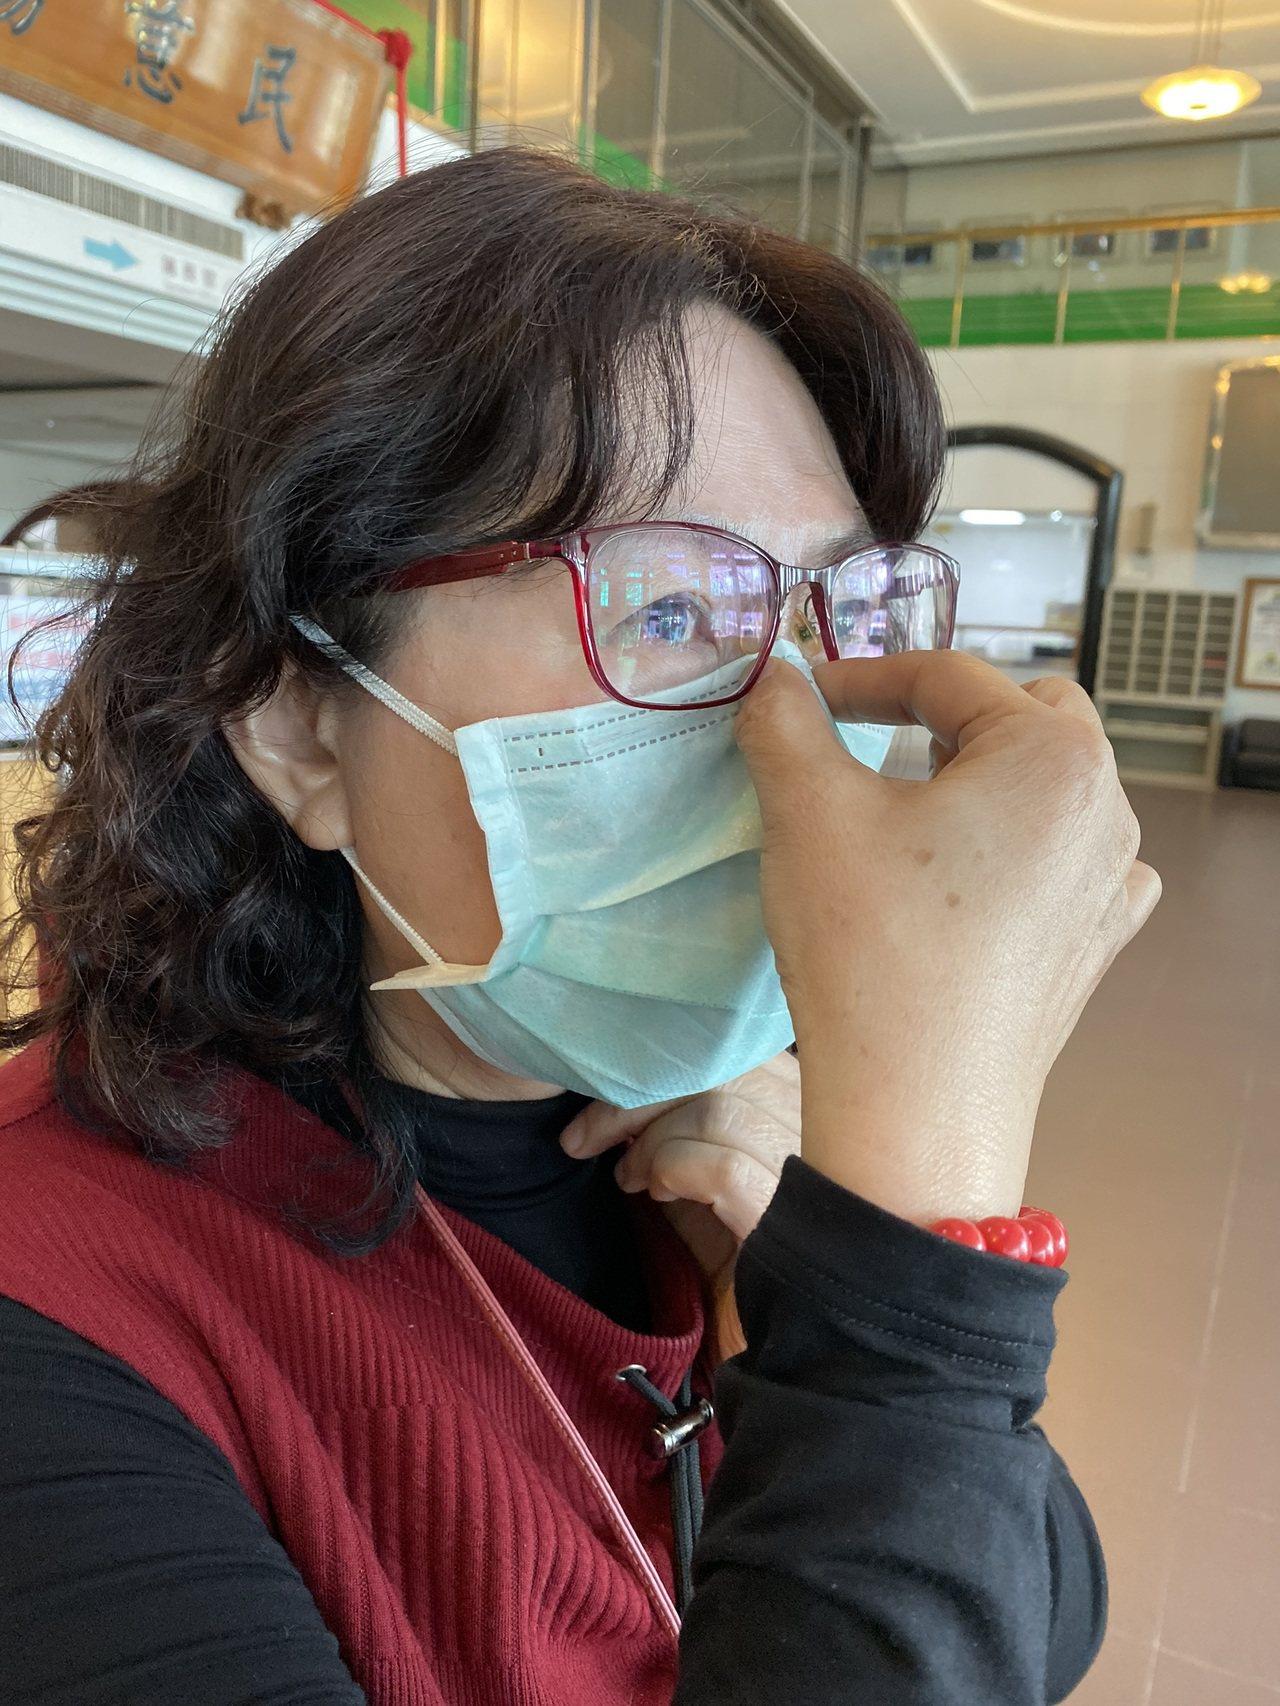 台南市衛生局人員提醒,配戴口罩時需緊貼鼻梁及下巴,才能有效防範病菌。記者鄭維真/...